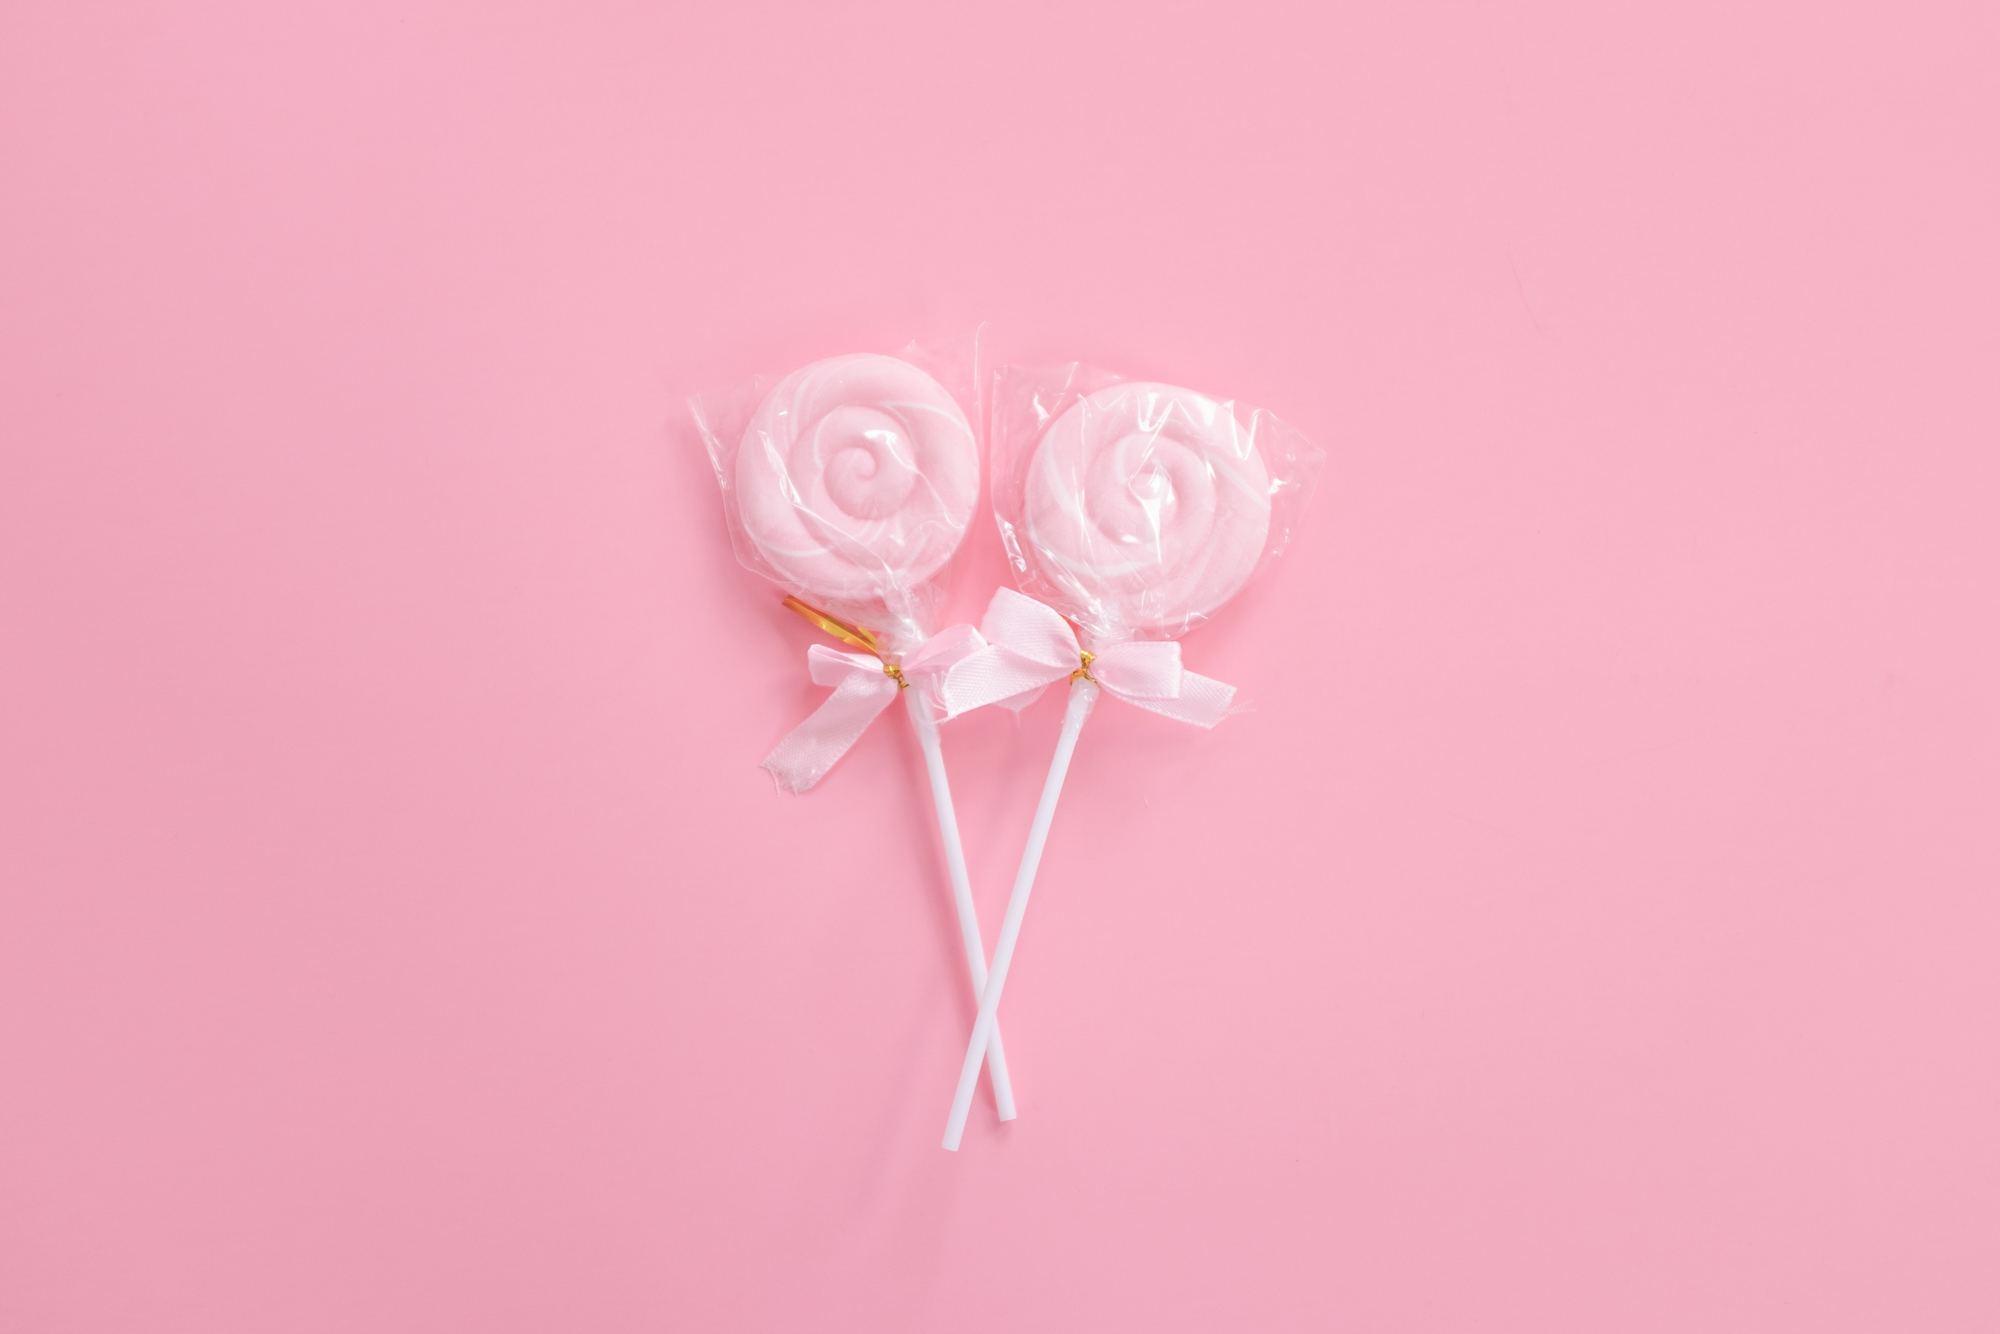 Pink color branding